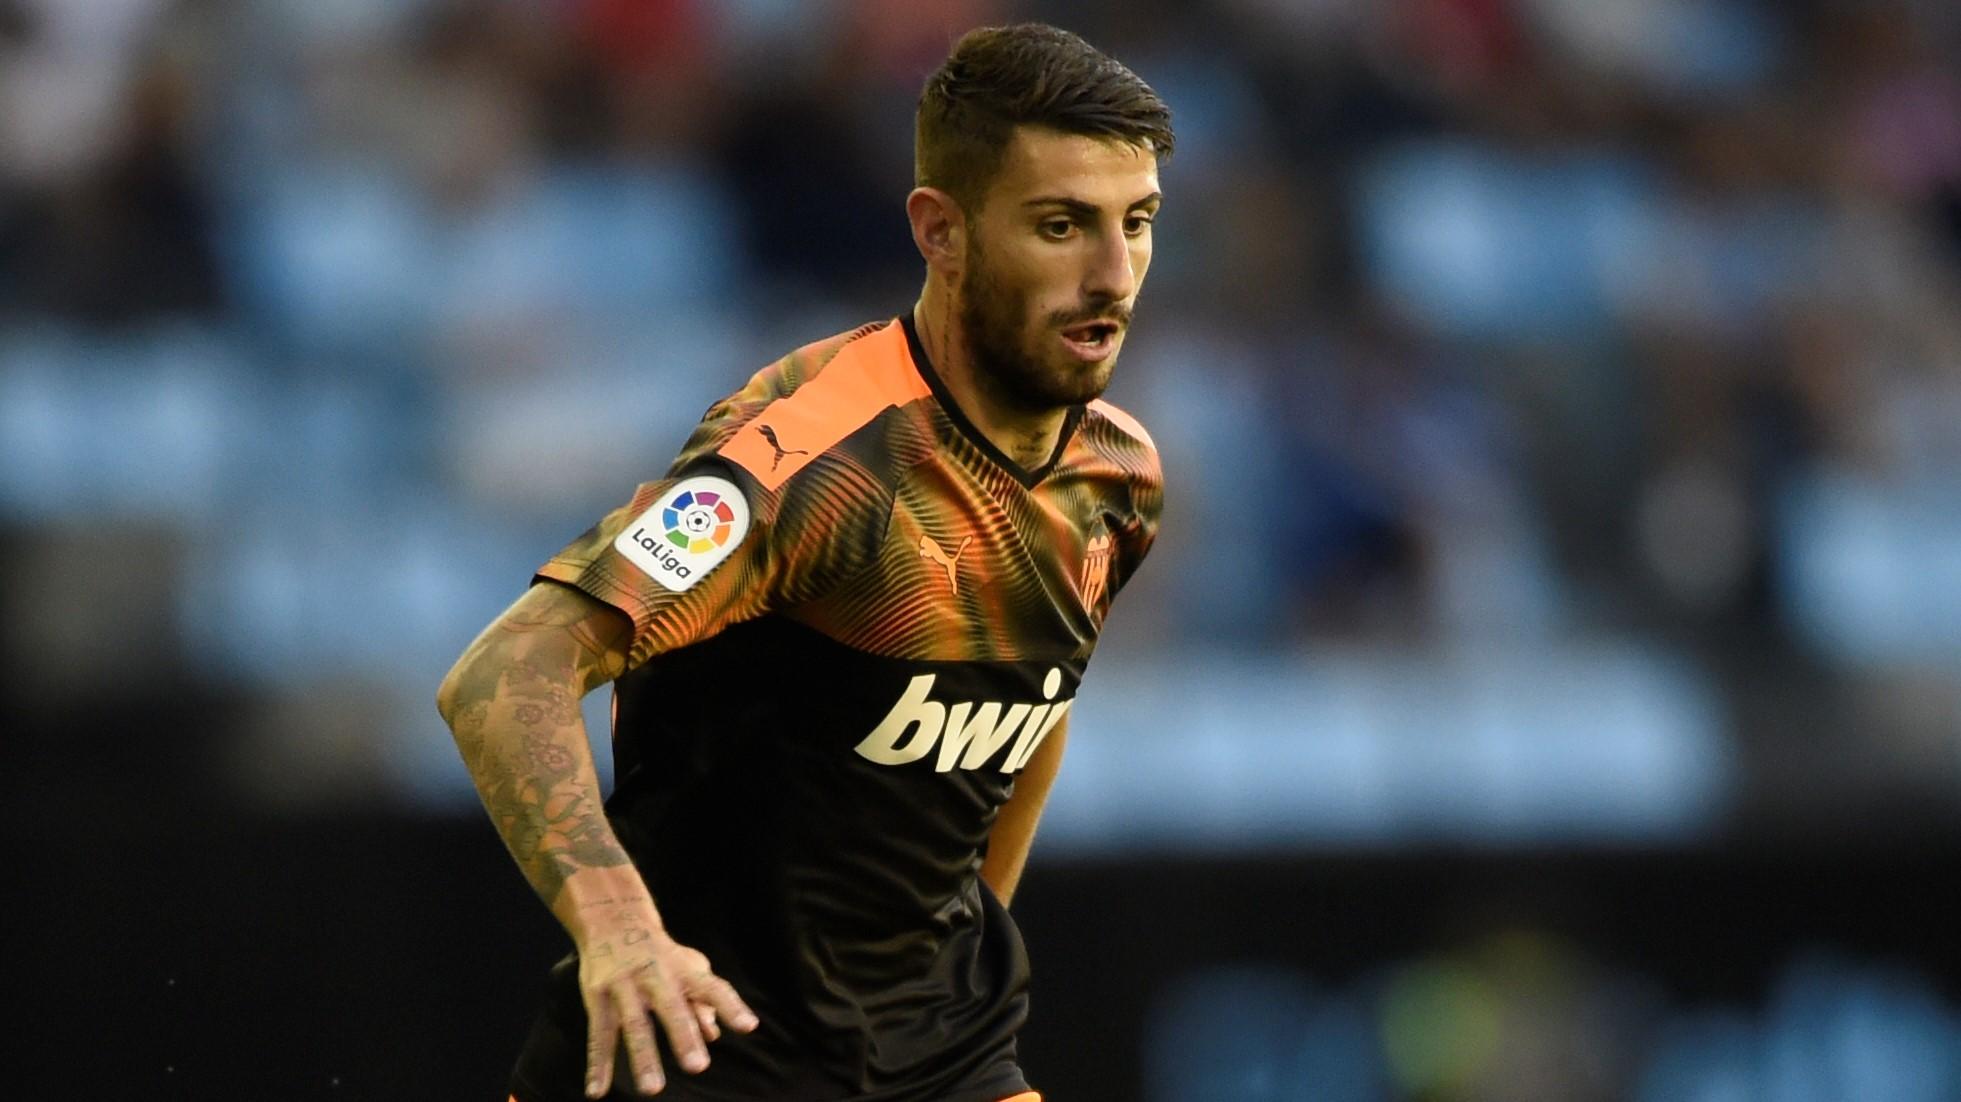 Euroleghe Fantacalcio, shock Piccini: frattura della rotula per il terzino del Valencia